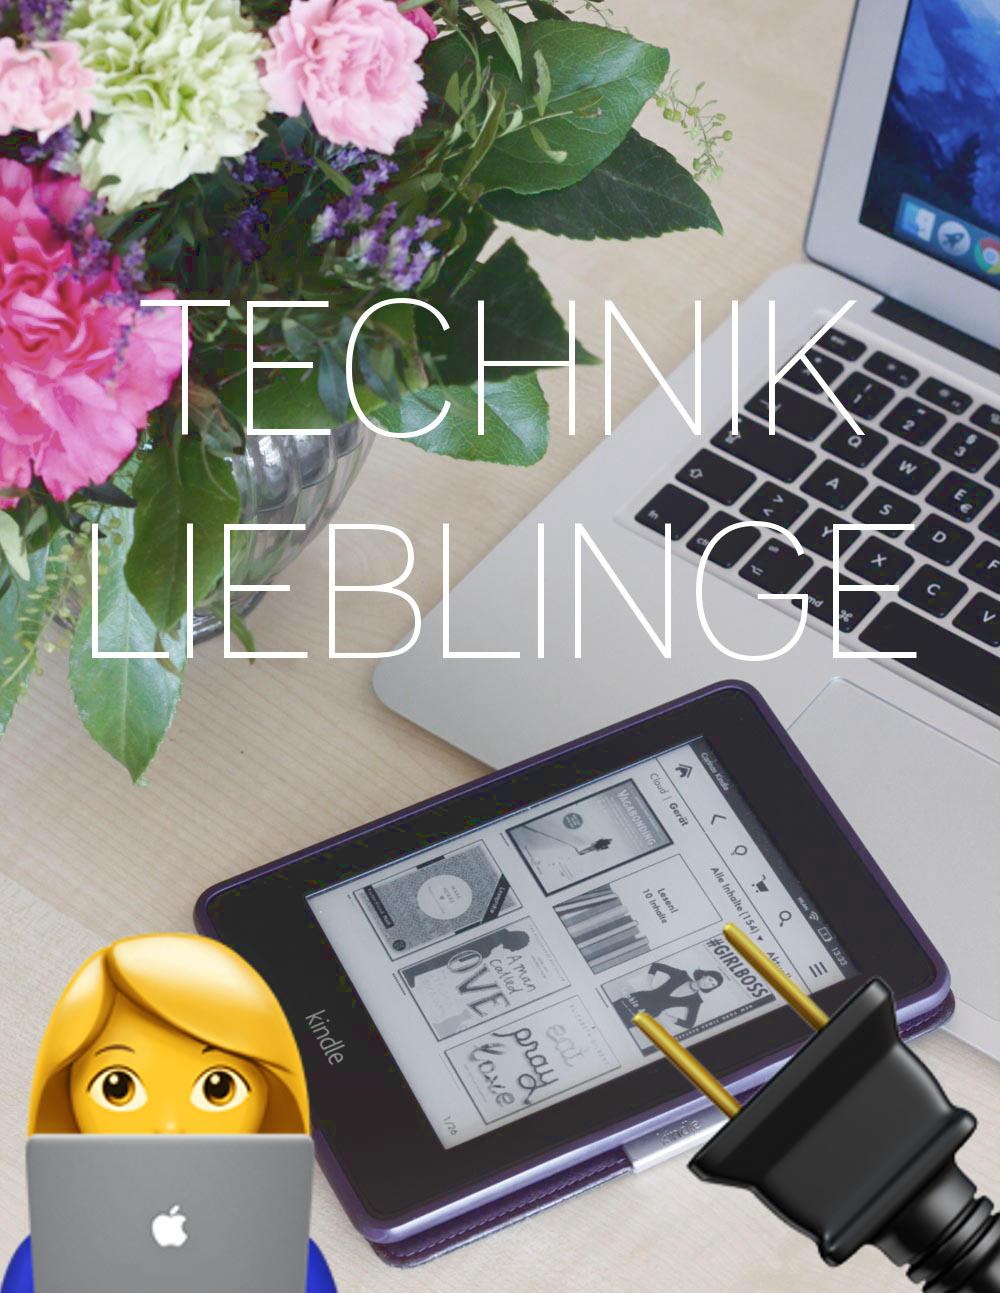 Technik Favoriten